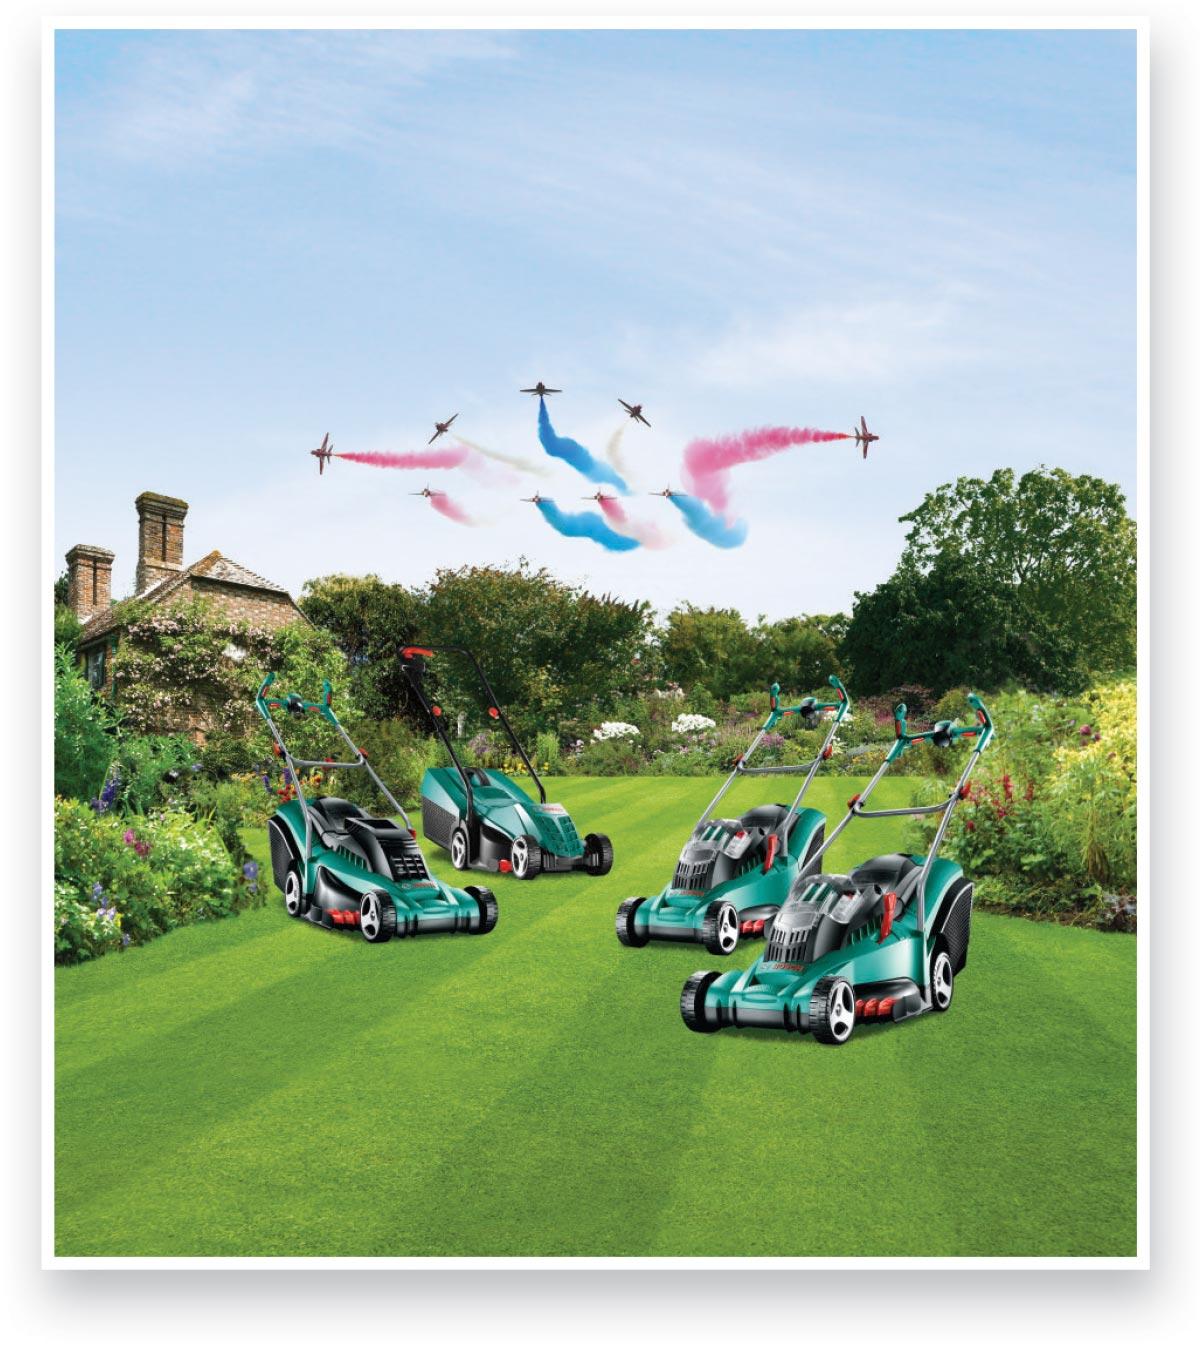 Bosch lawn mowers jubilee advert - after